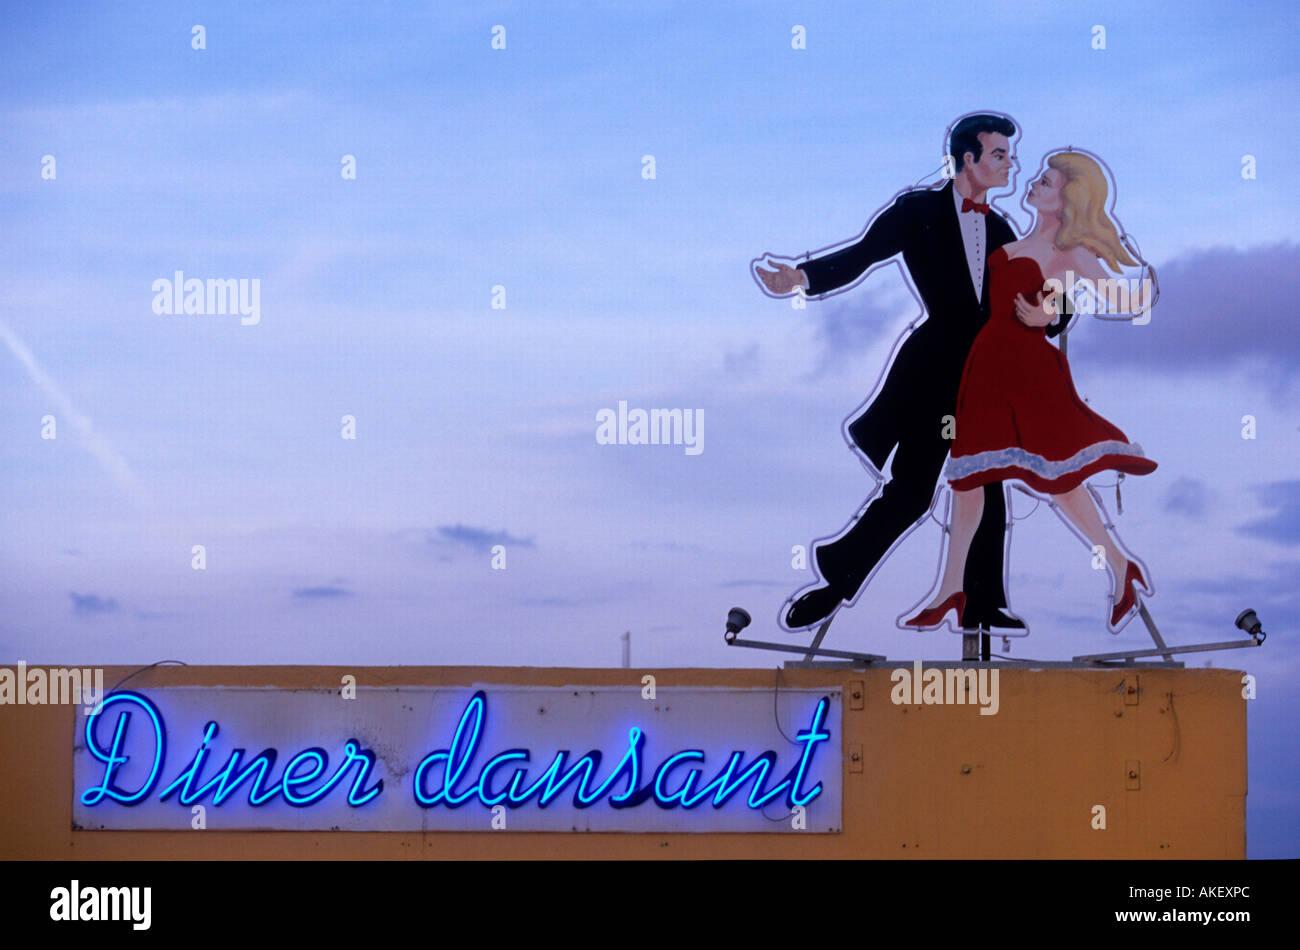 Frankreich, Cote d Azur, Cros-de-Cagnes, Leuchtreklame für Tanzcafe - Stock Image